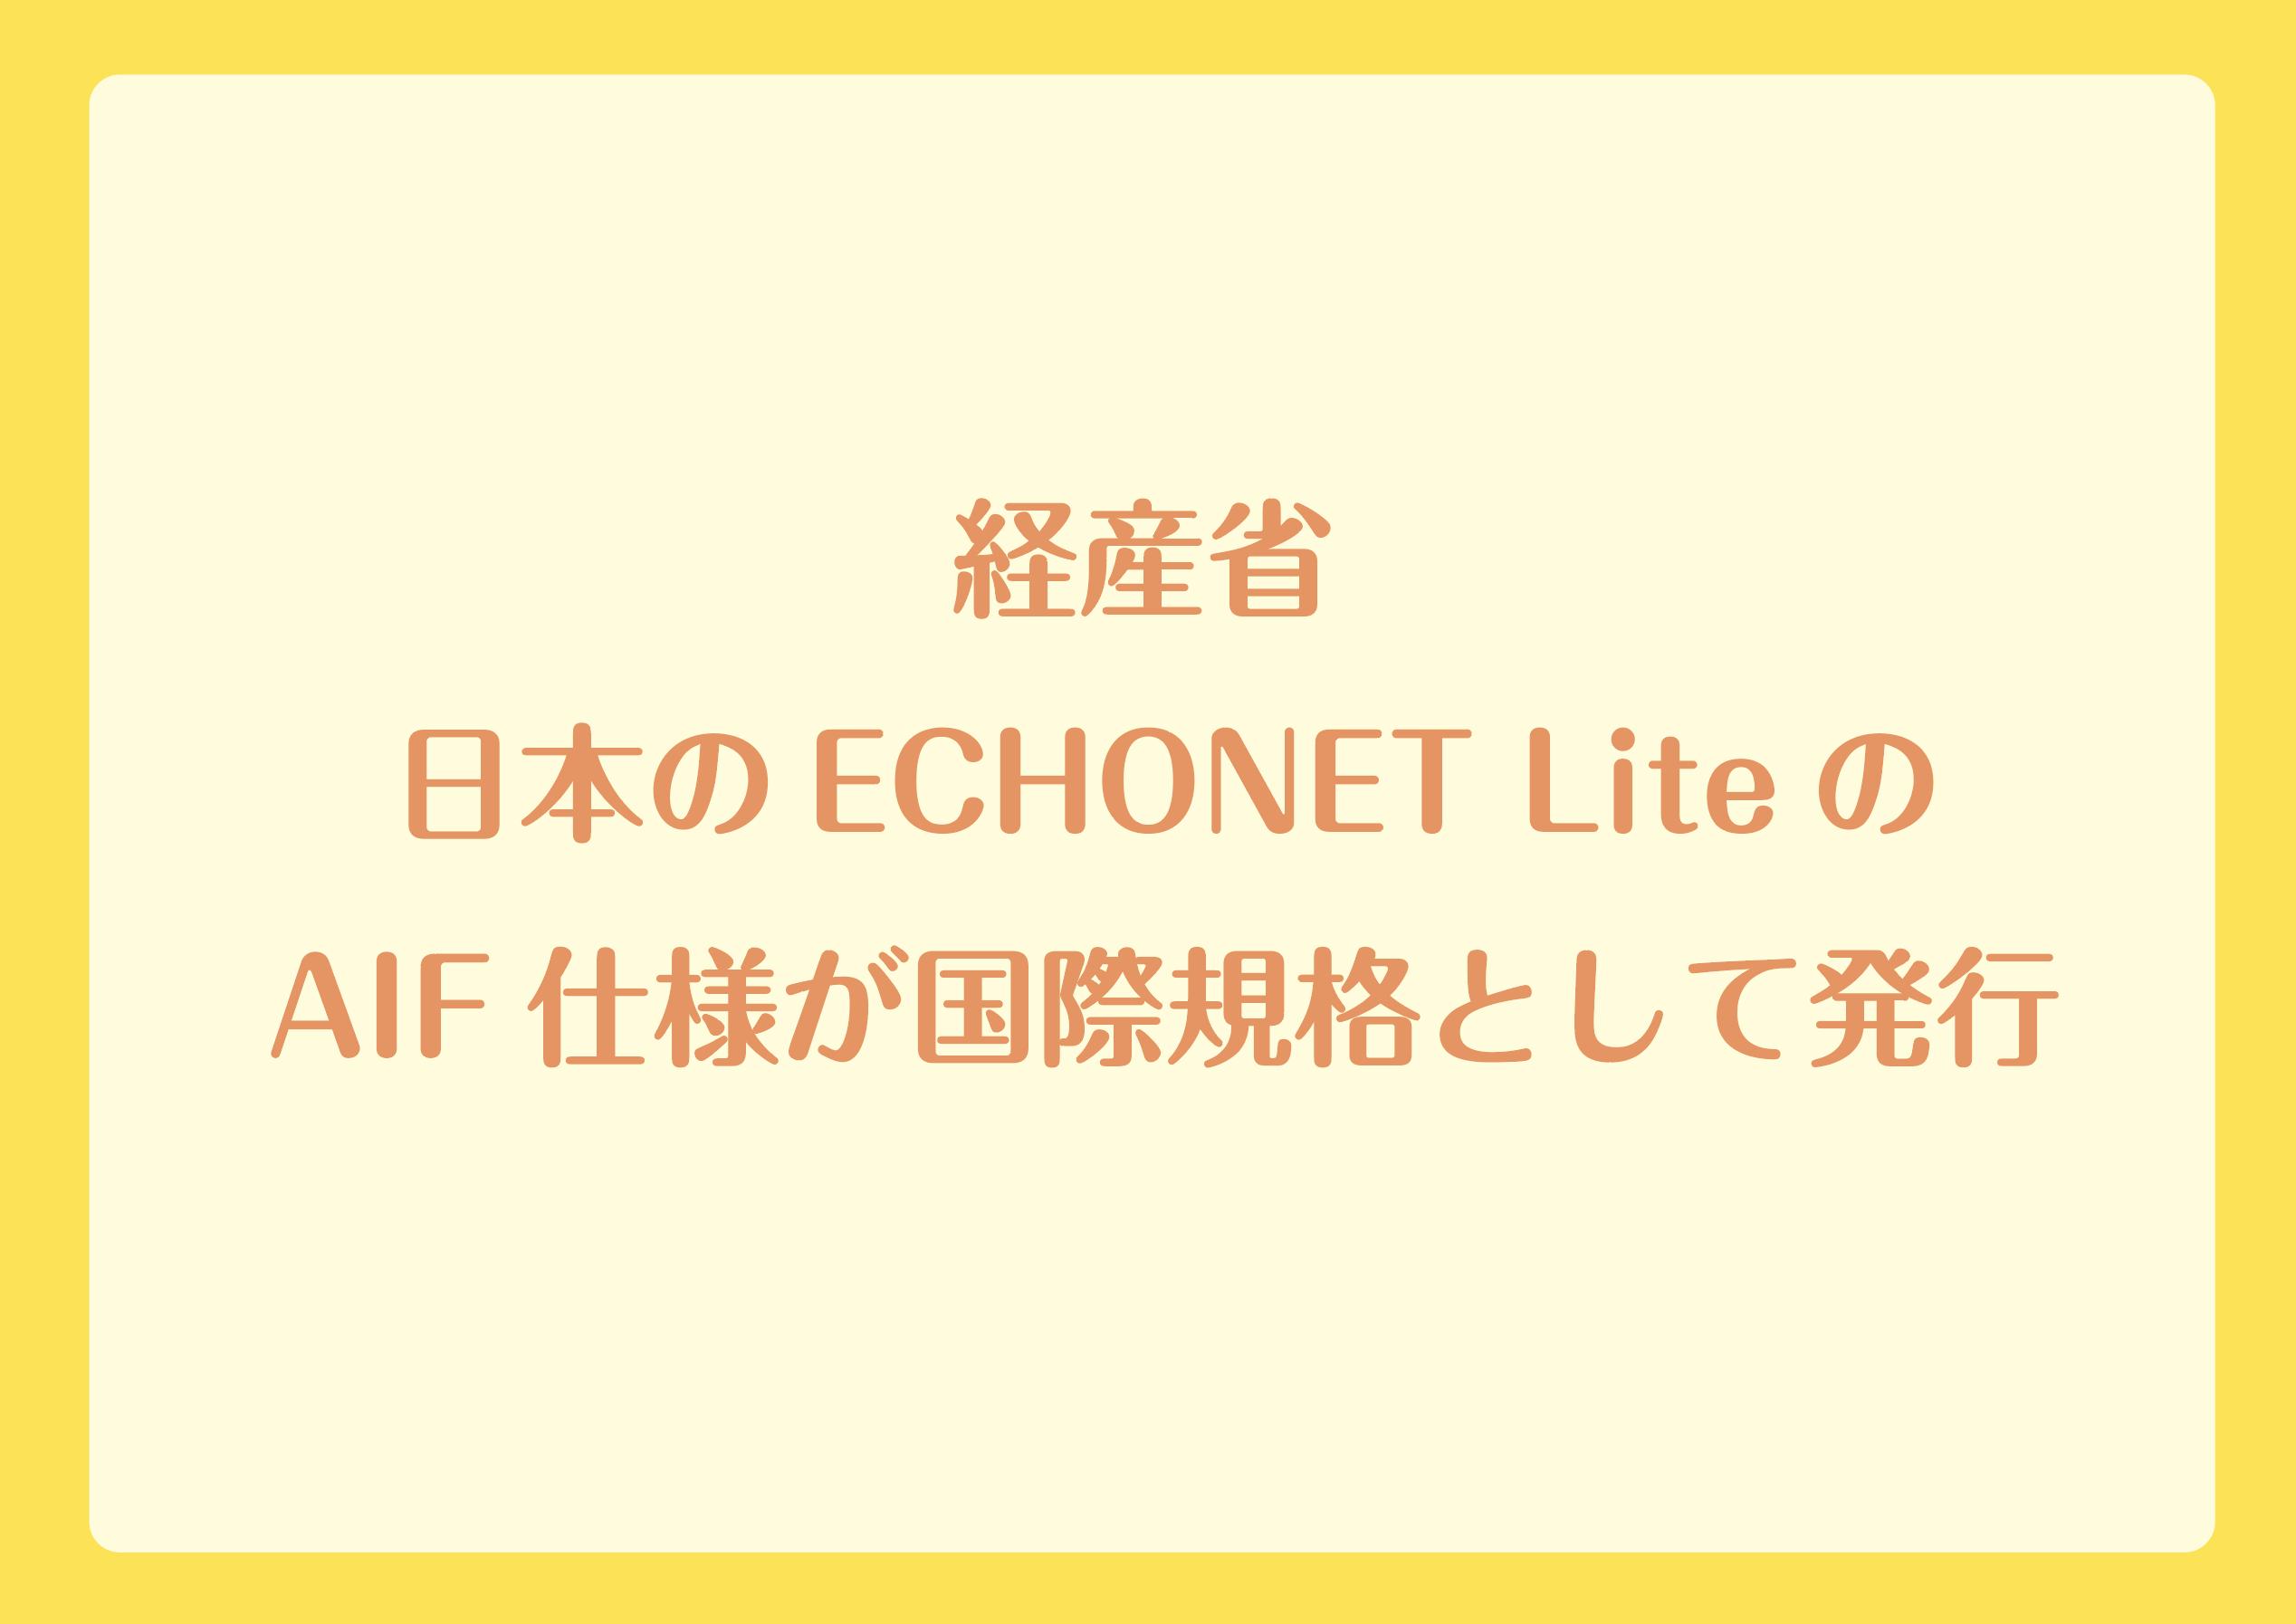 経産省 日本のECHONET LiteのAIF仕様が国際規格として発行の画像